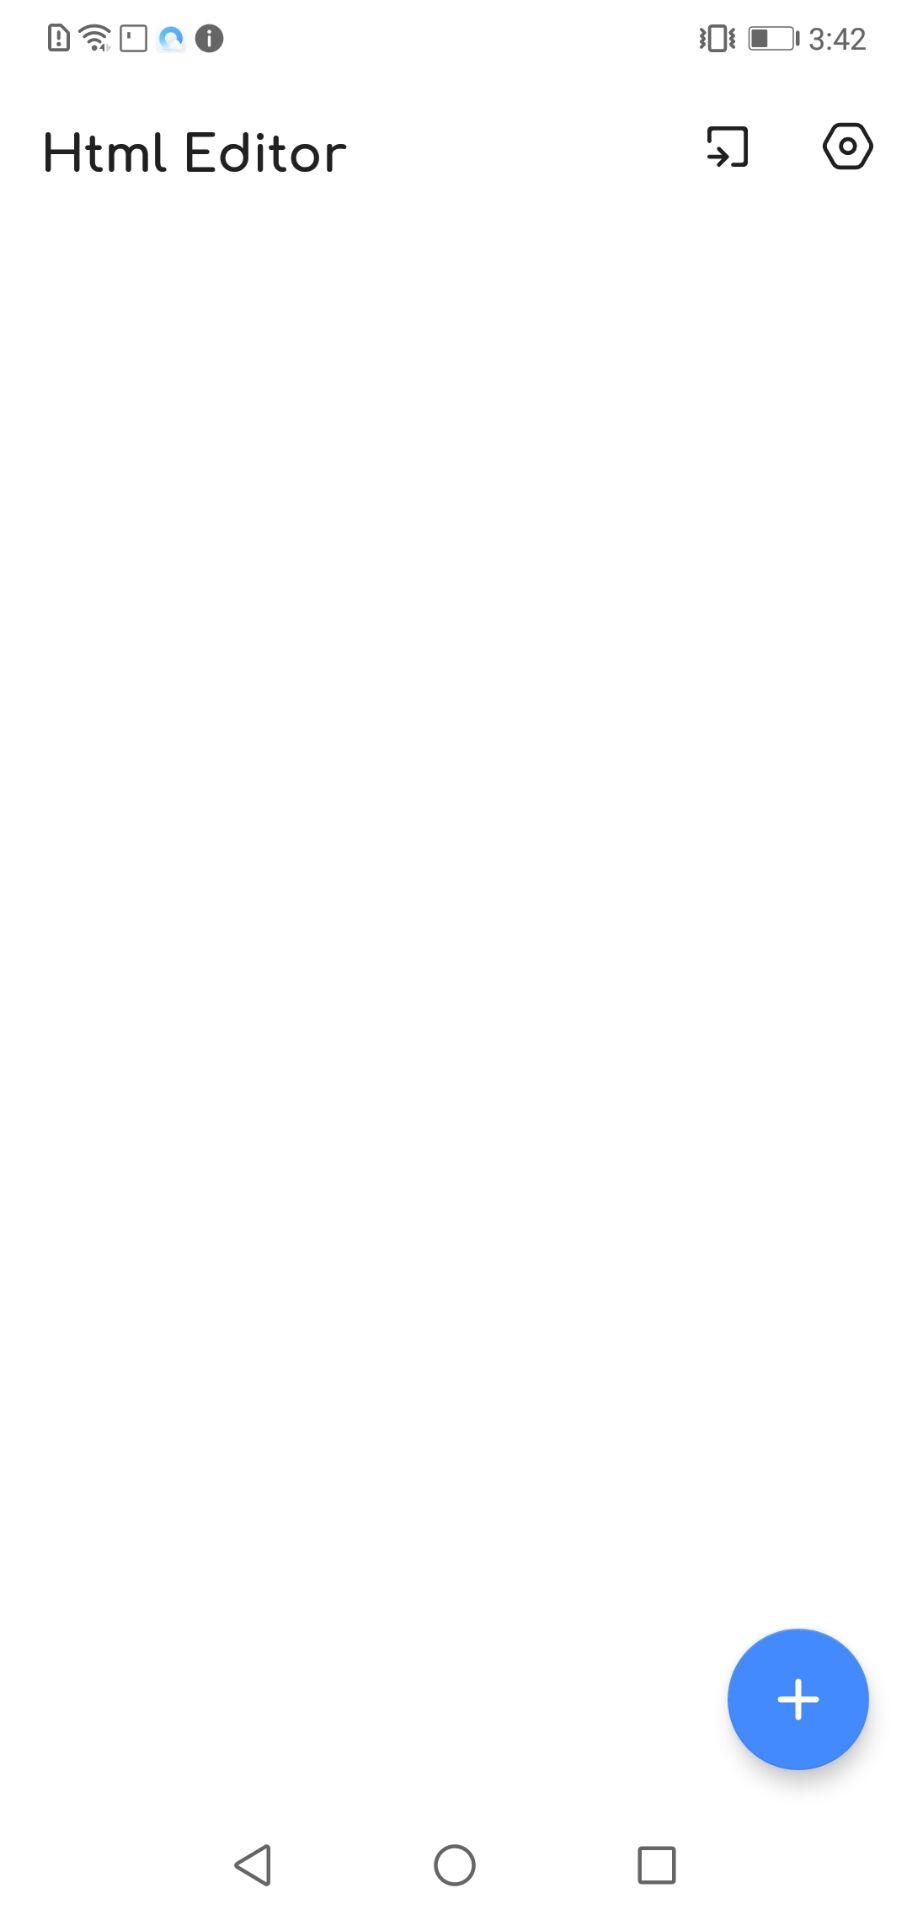 【资源分享】Html Editor(html编辑器)-爱小助